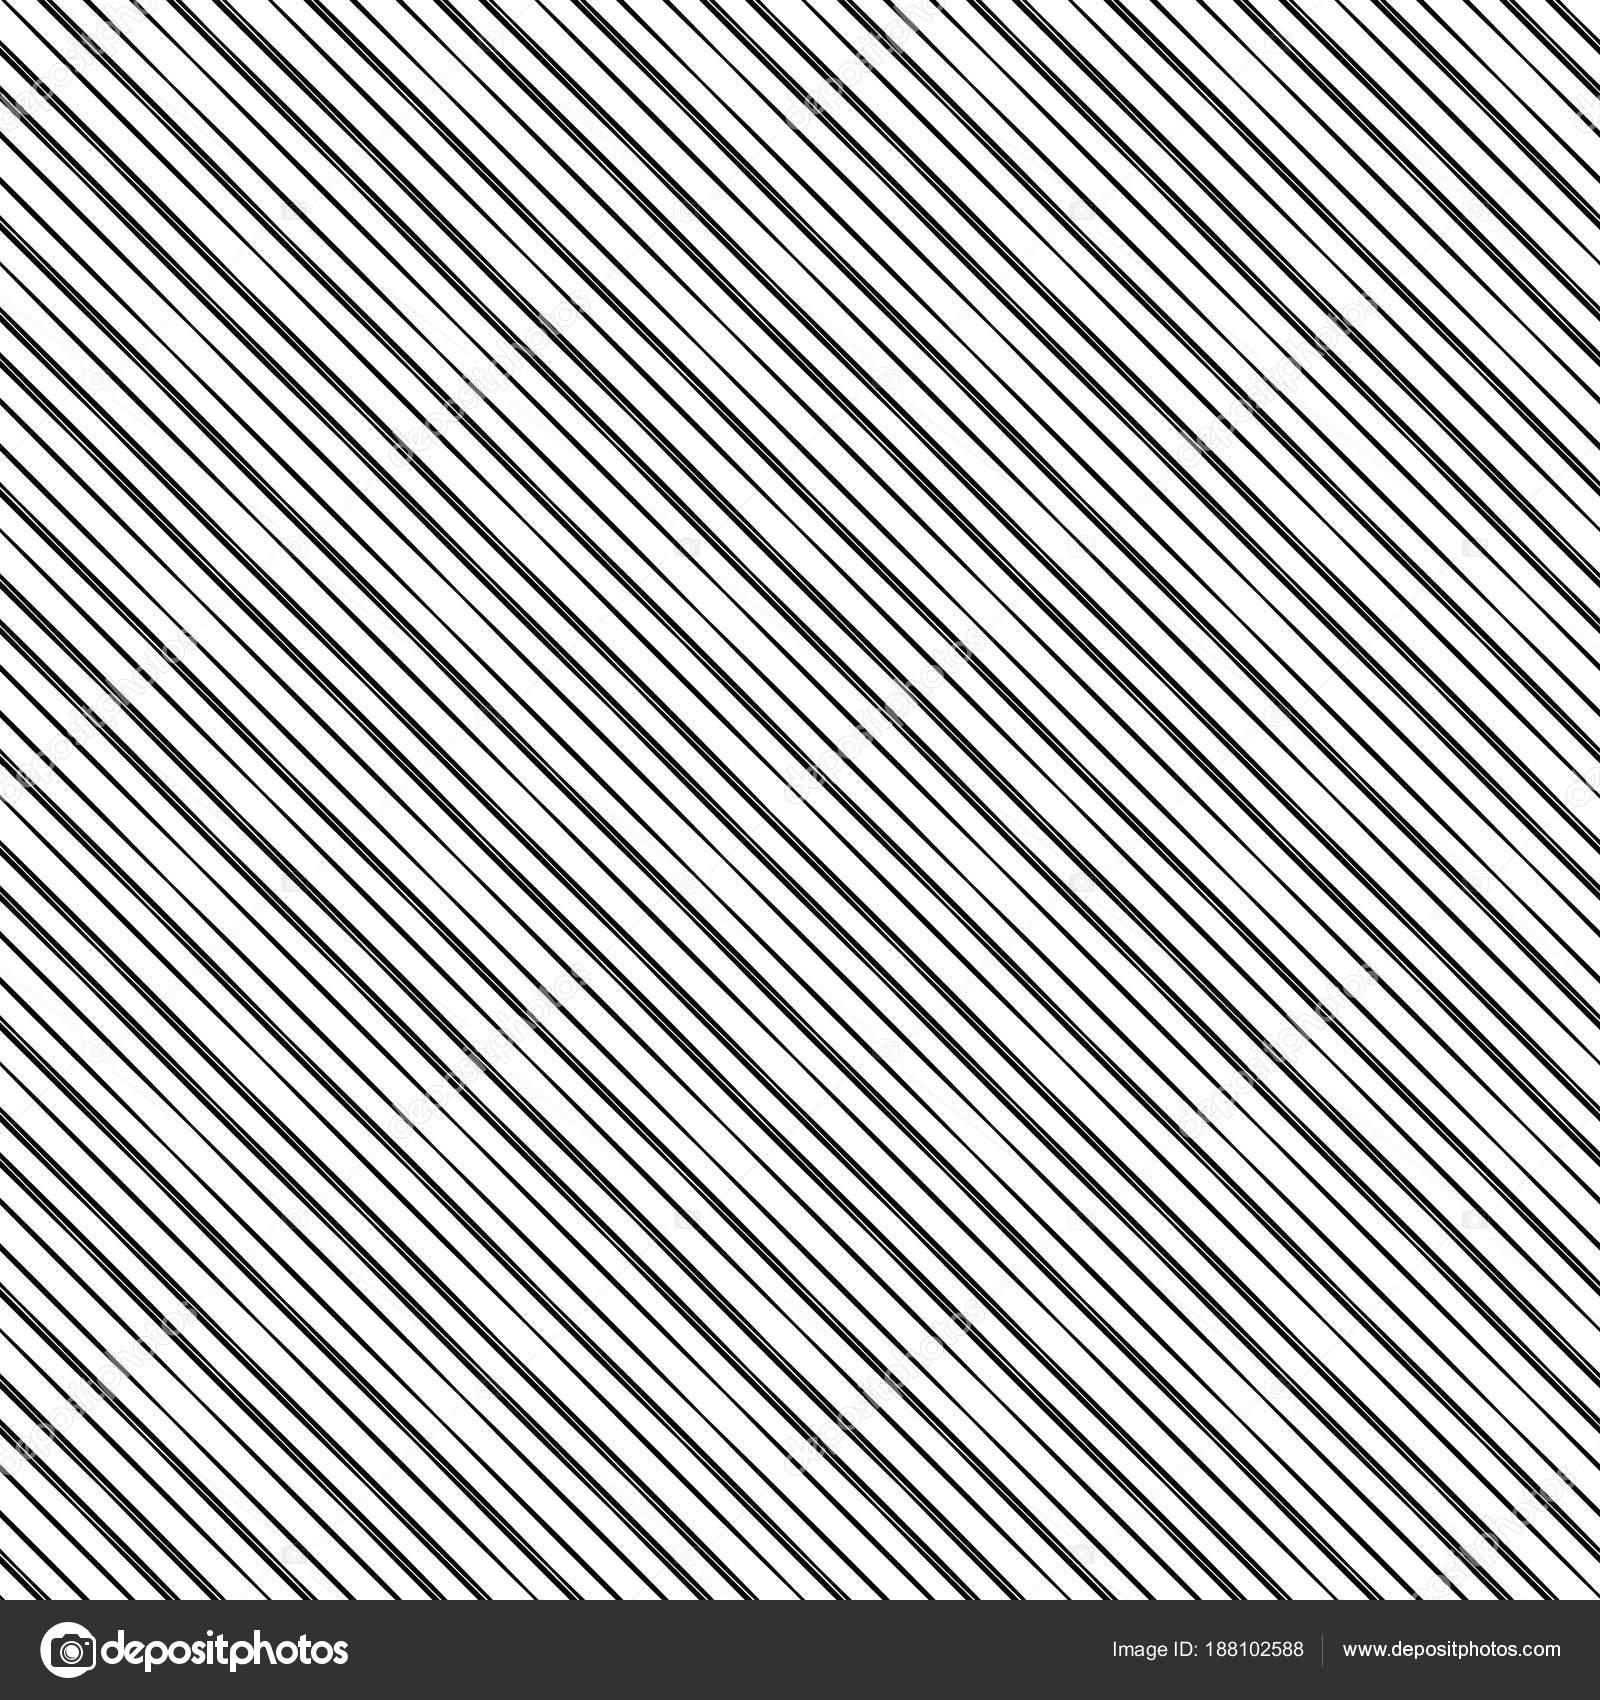 предлагает эффект фото параллельные полосы по краям годы великой отечественной